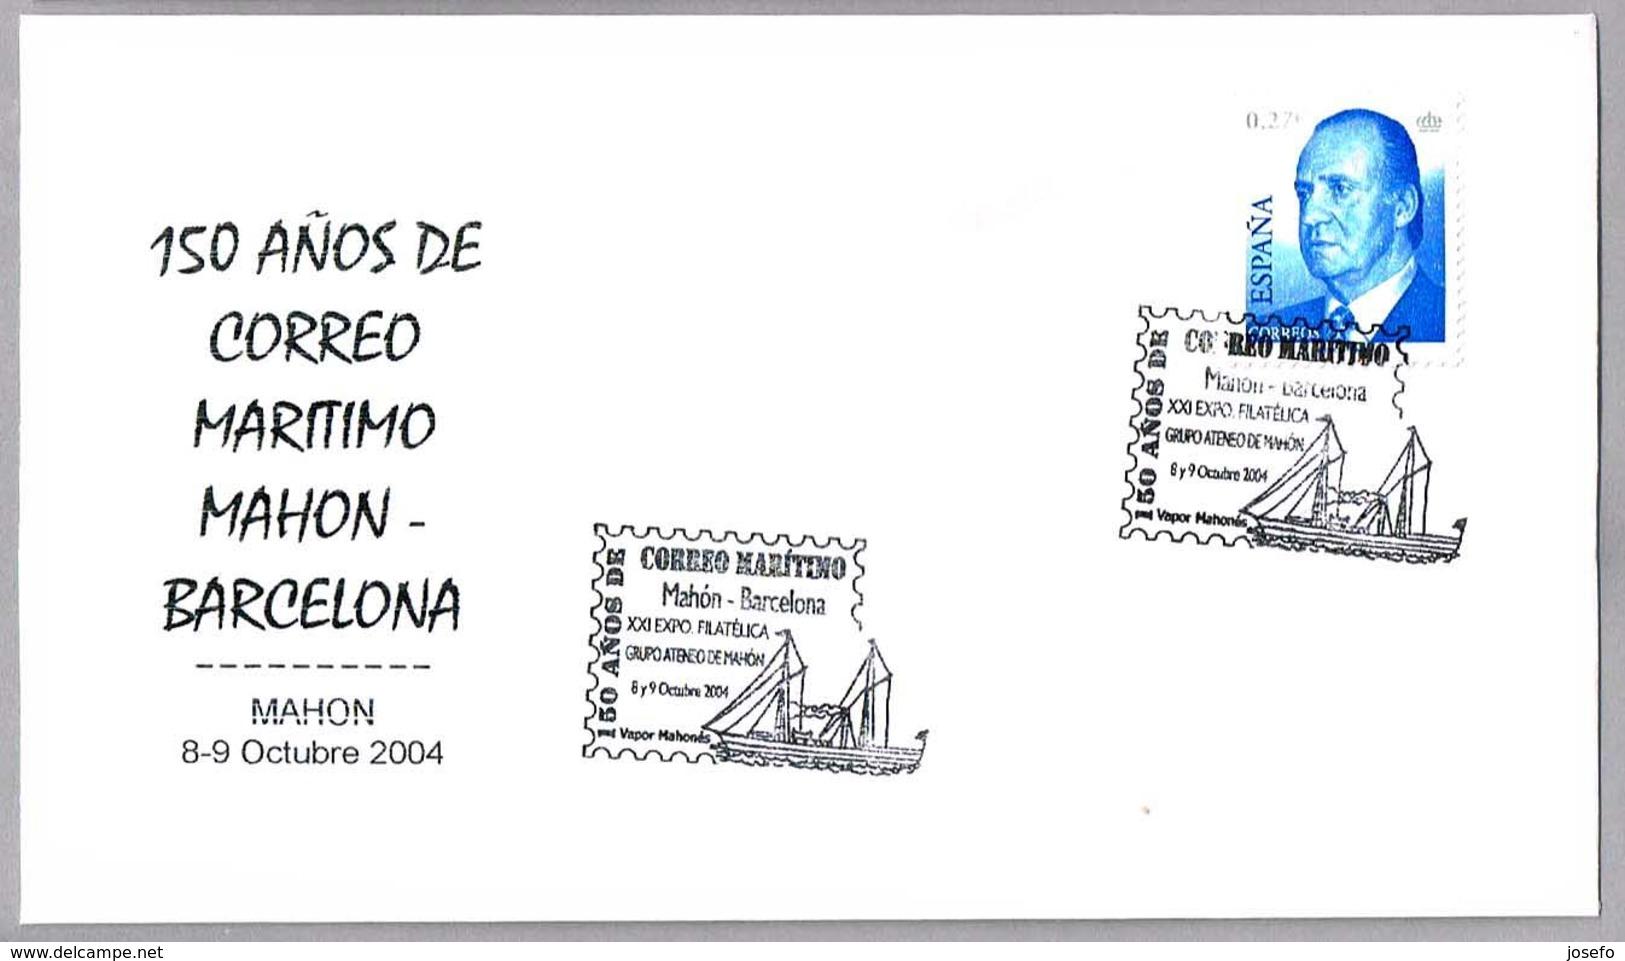 150 Años CORREO MARITIMO MAHON-BARCELONA - VAPOR MAHONES - 150 Years Maritime Mail. Mahon, Baleares, 2004 - Correo Postal